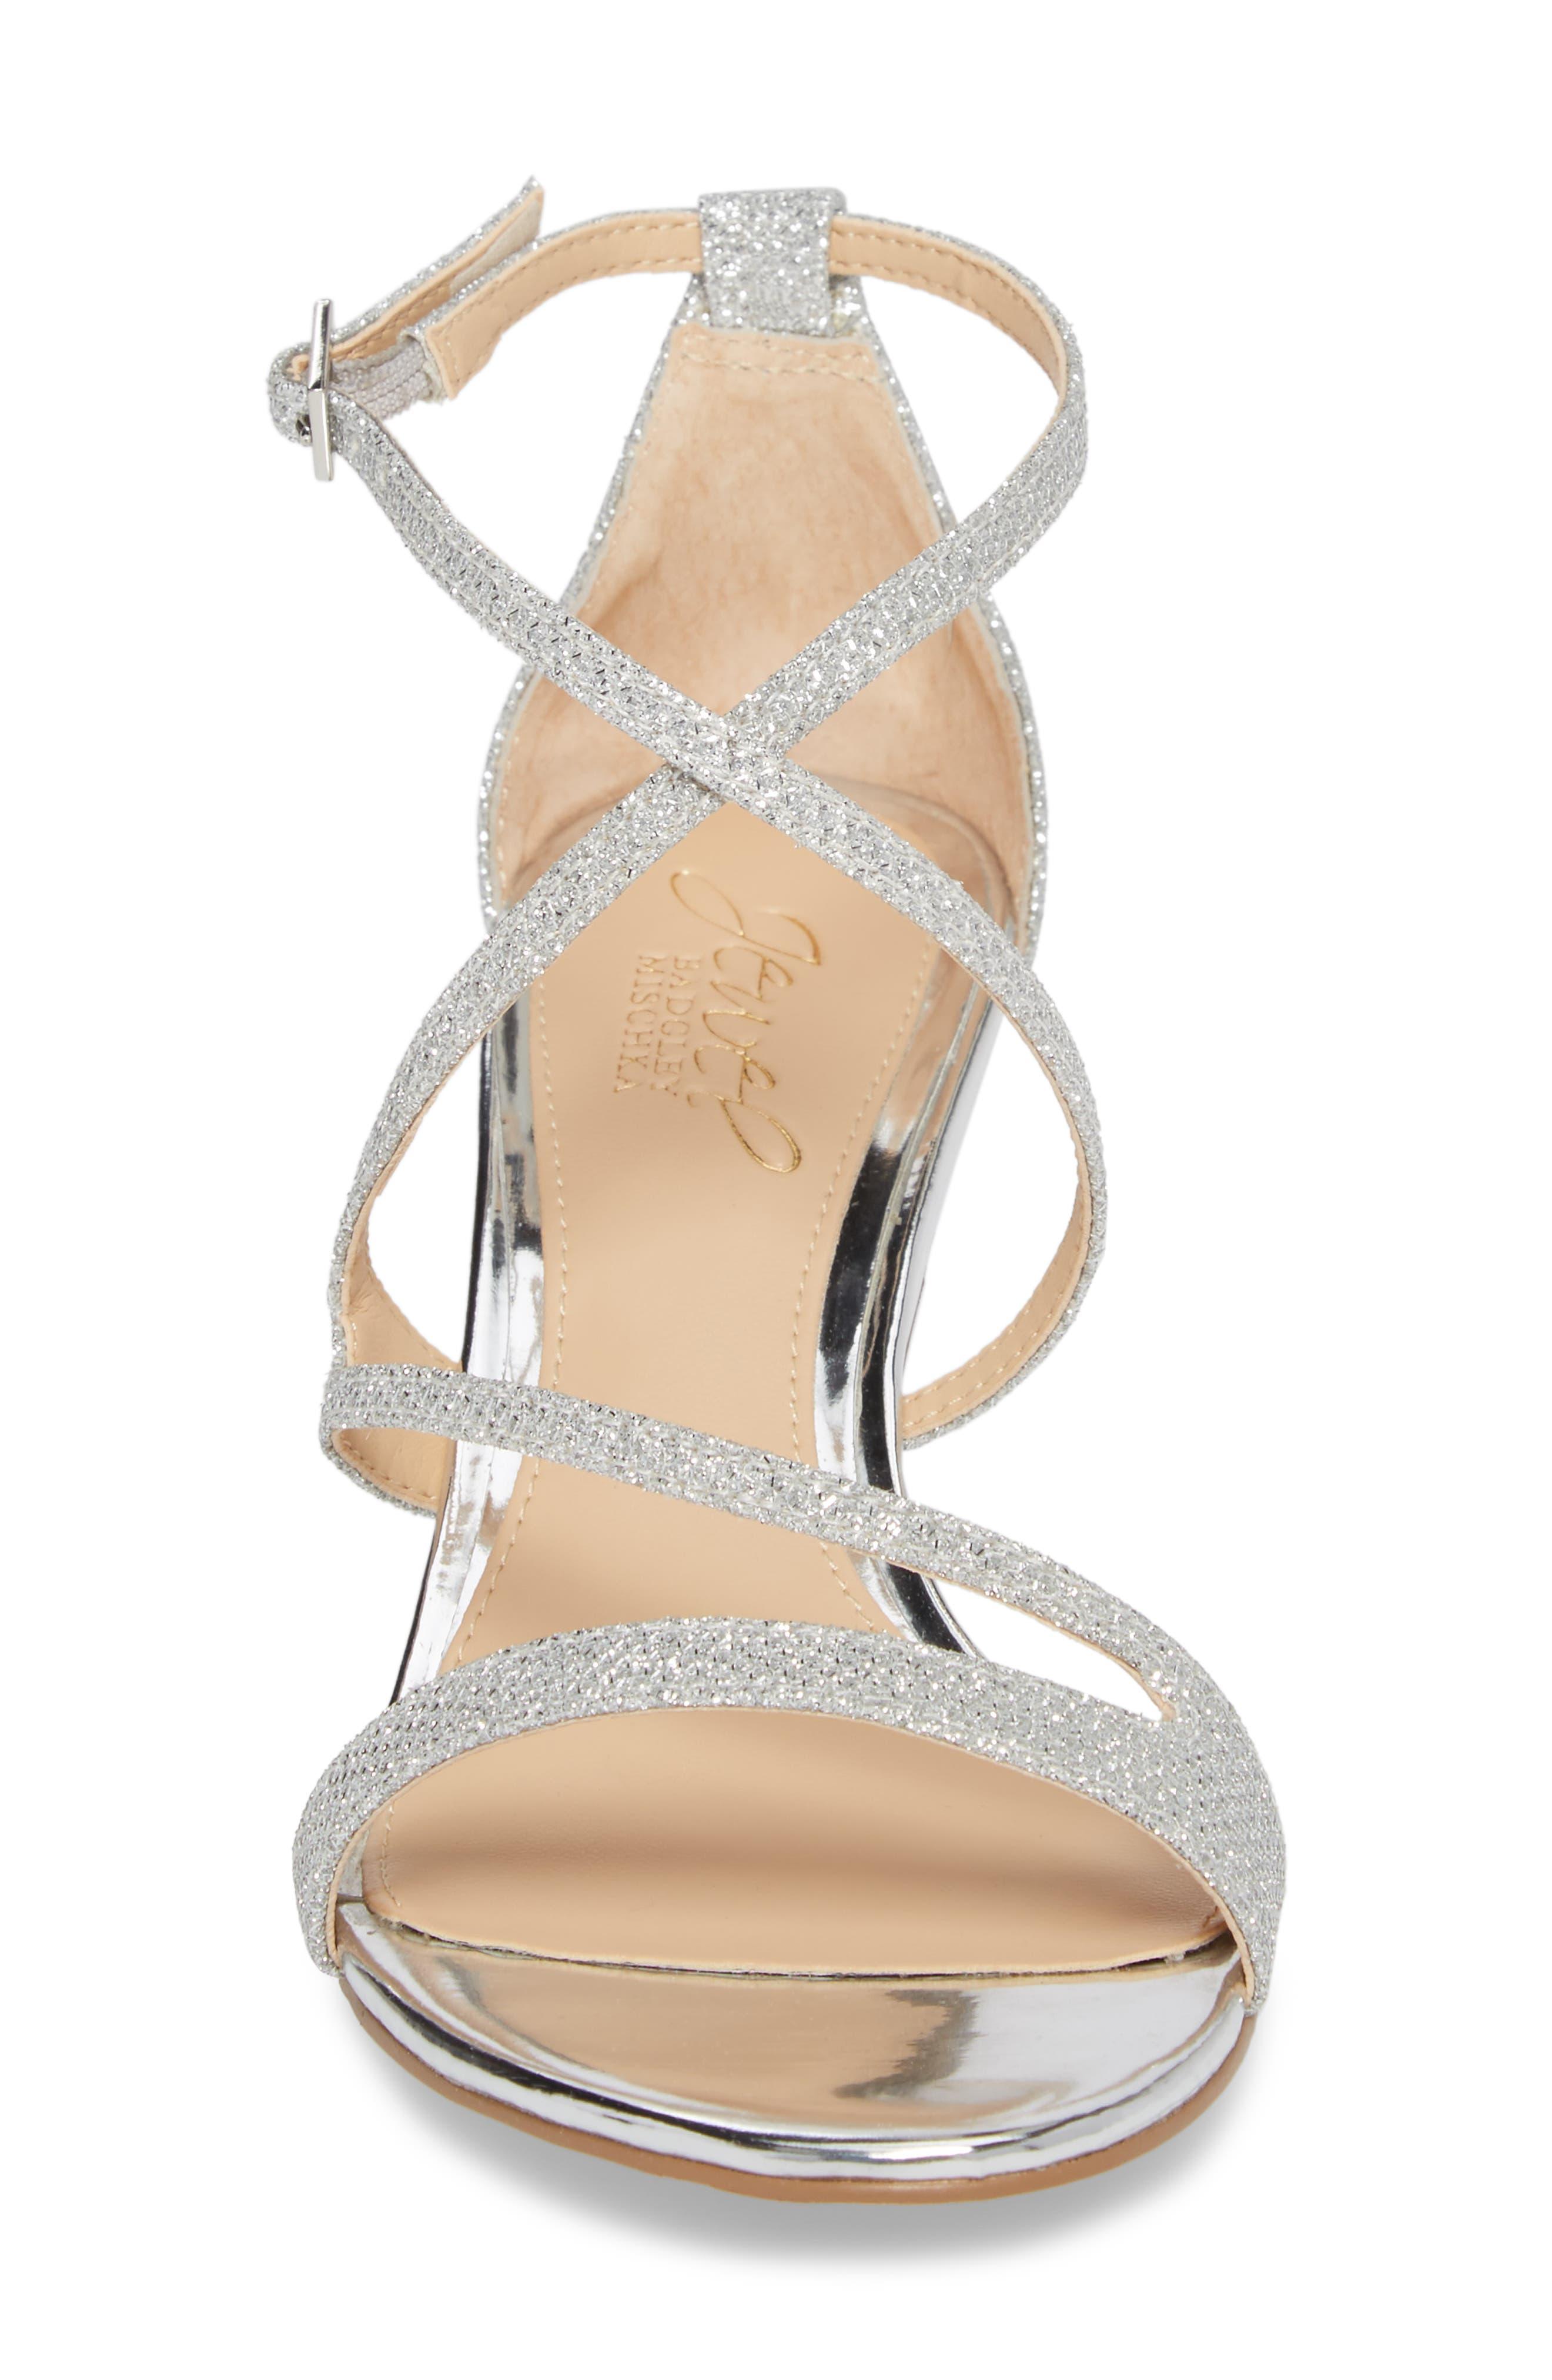 Gail Crystal Embellished Sandal,                             Alternate thumbnail 11, color,